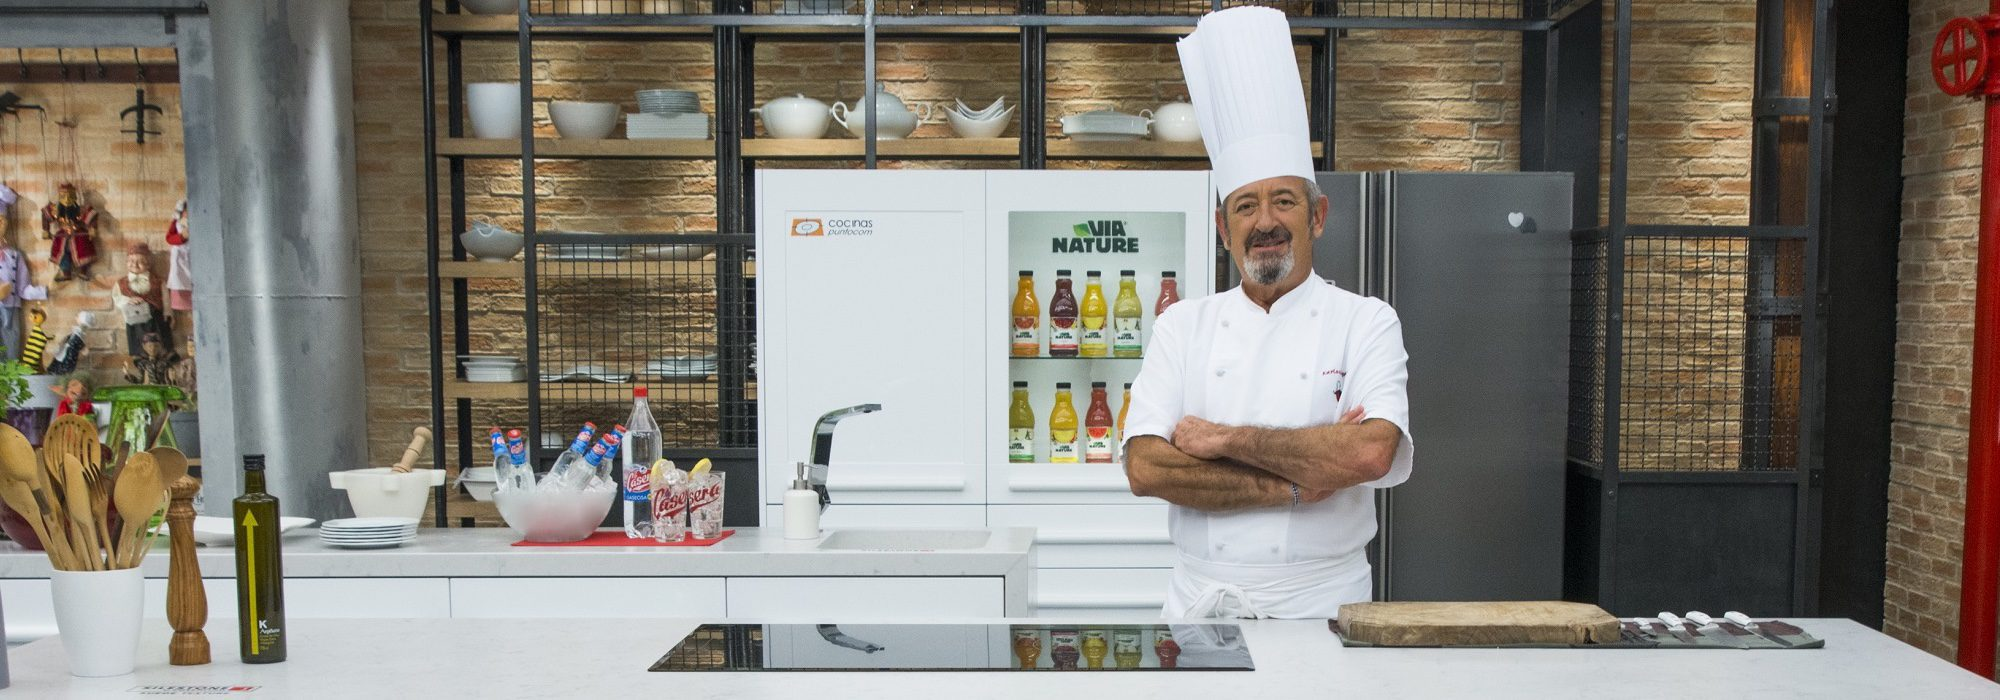 Cocina De Karlos Arguiñano | Karlos Arguinano En Tu Cocina Telecinco Ficha Programas De